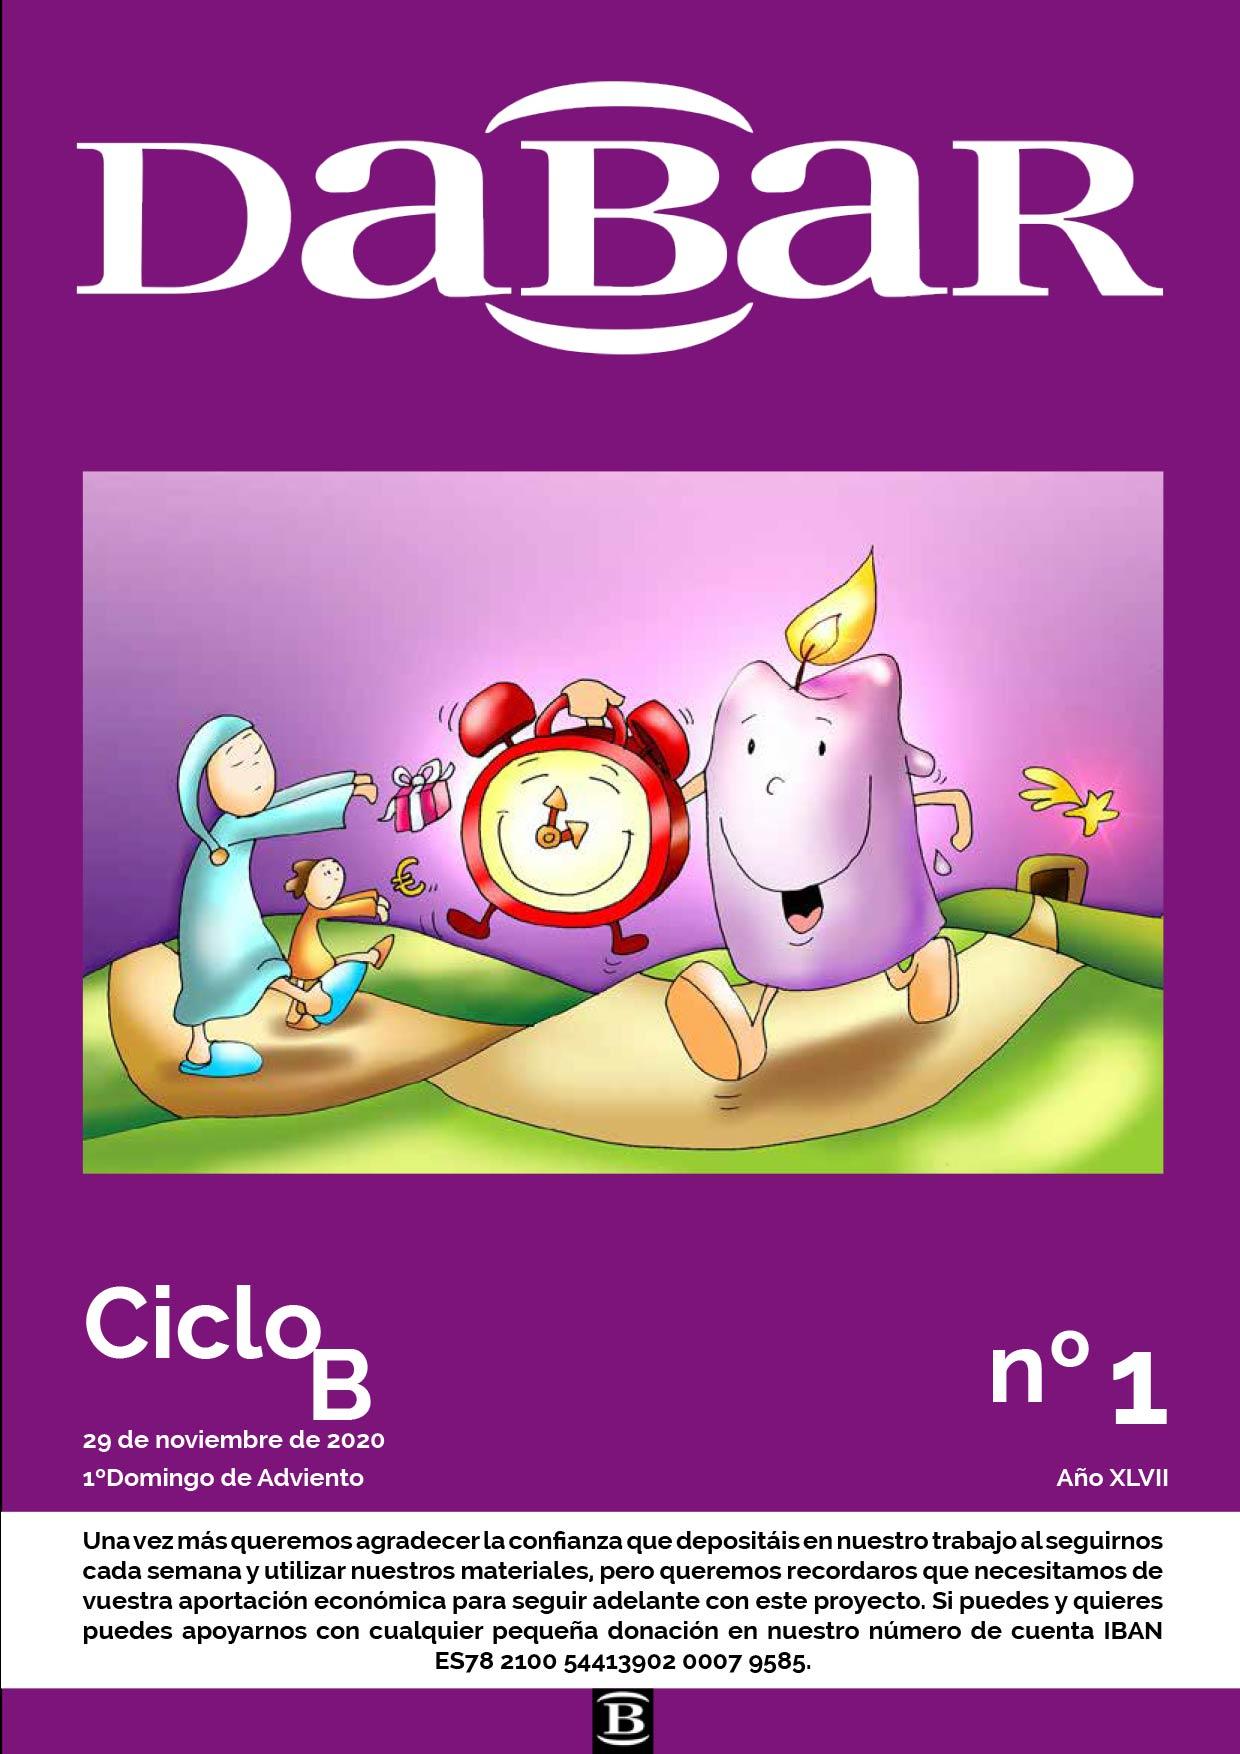 Dabar Revista número 1 ciclo B